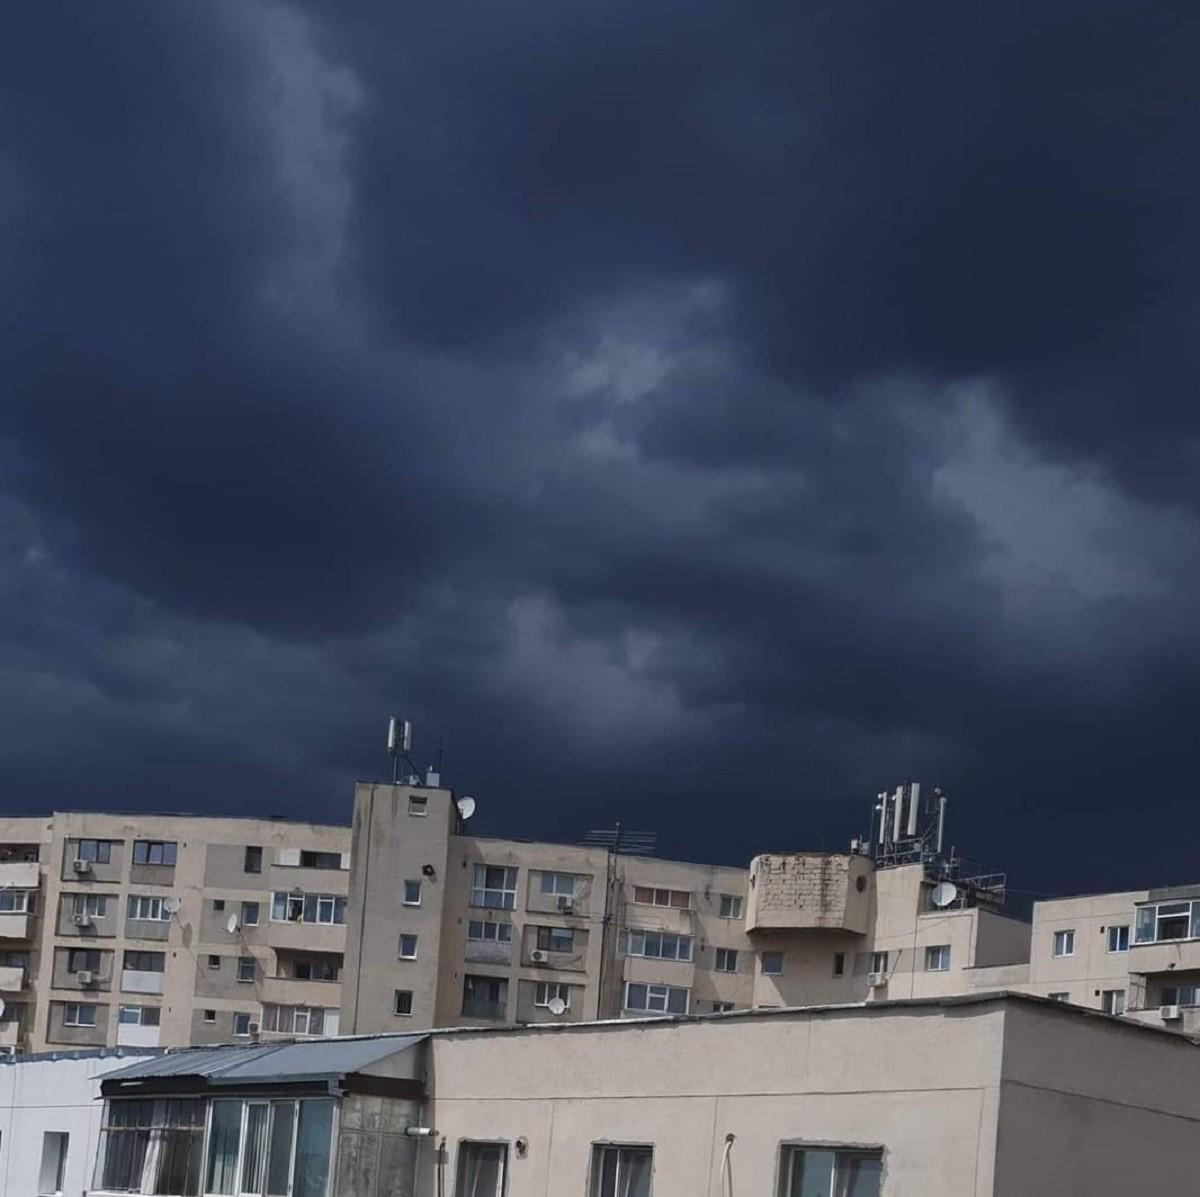 Codul portocaliu a întunecat cerul în Prahova și a coborât temperatura cu 10 grade în doar câteva minute. Imagini surprinse de cititorii Observatorulph